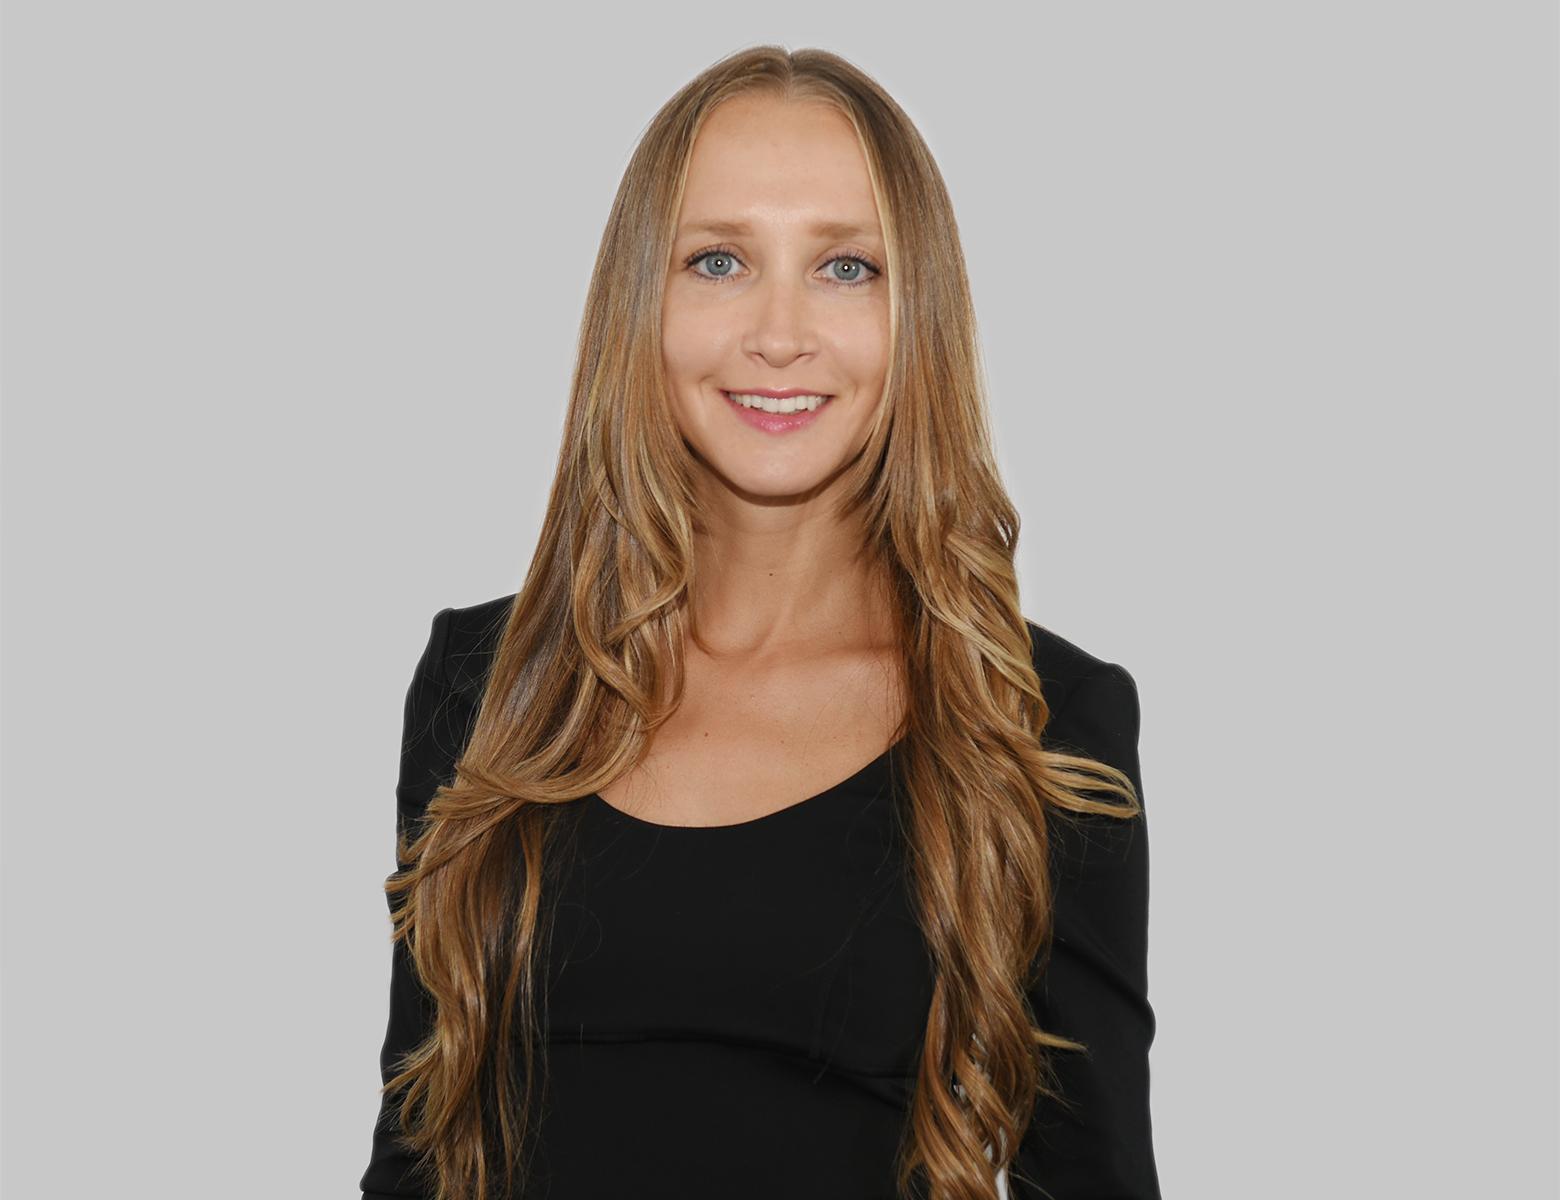 Kristina Titova